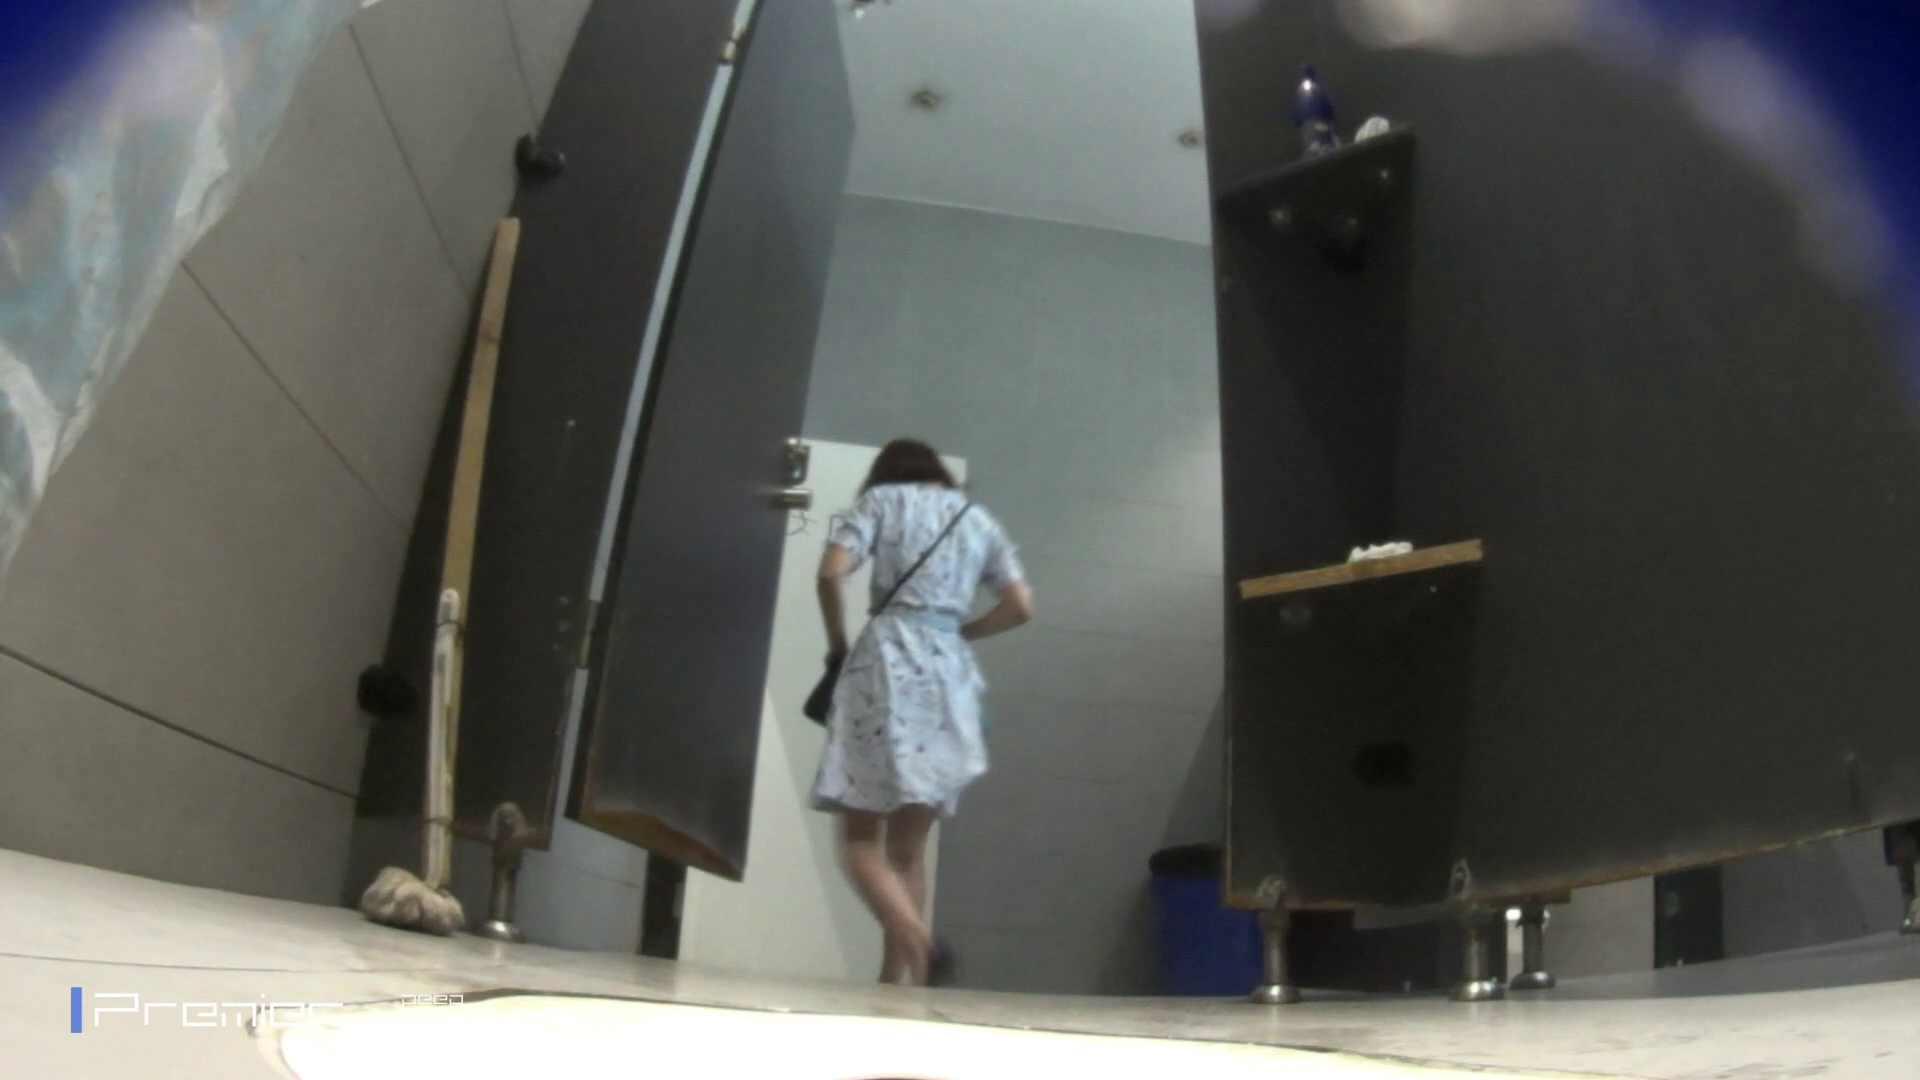 フロントから丸見え! 大学休憩時間の洗面所事情60 洗面所  58pic 16